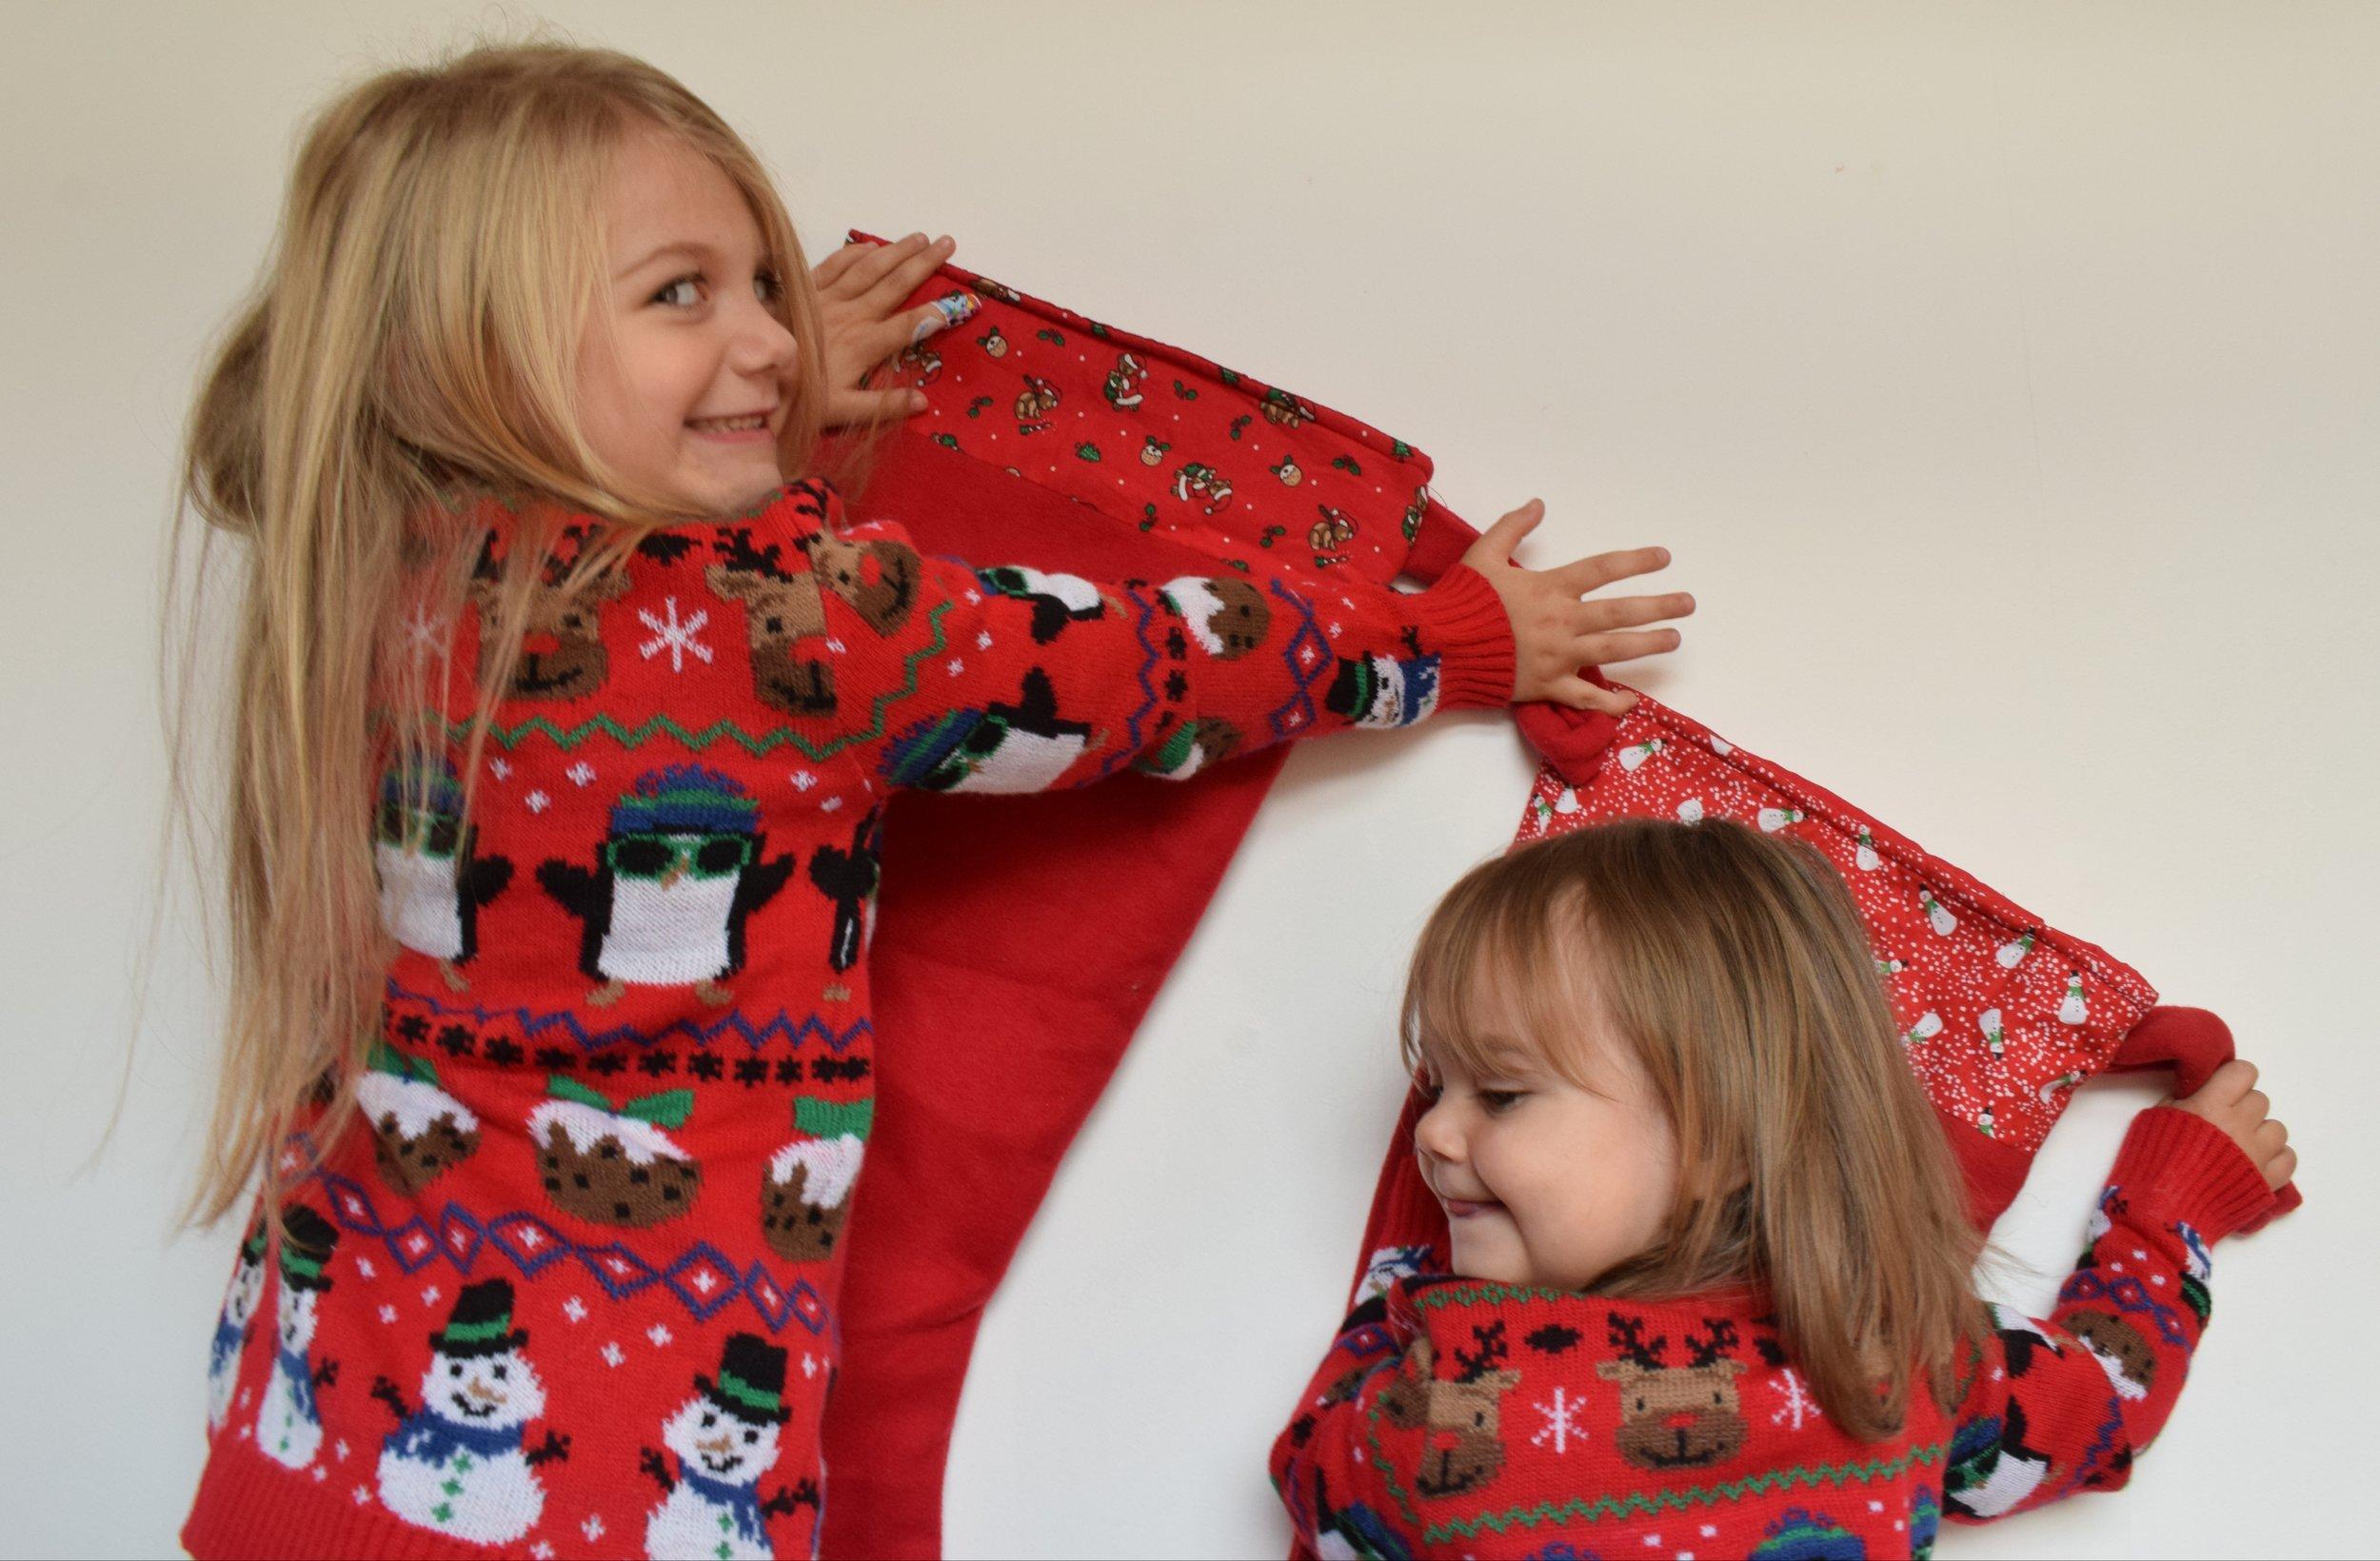 Stocking filler ideas for children